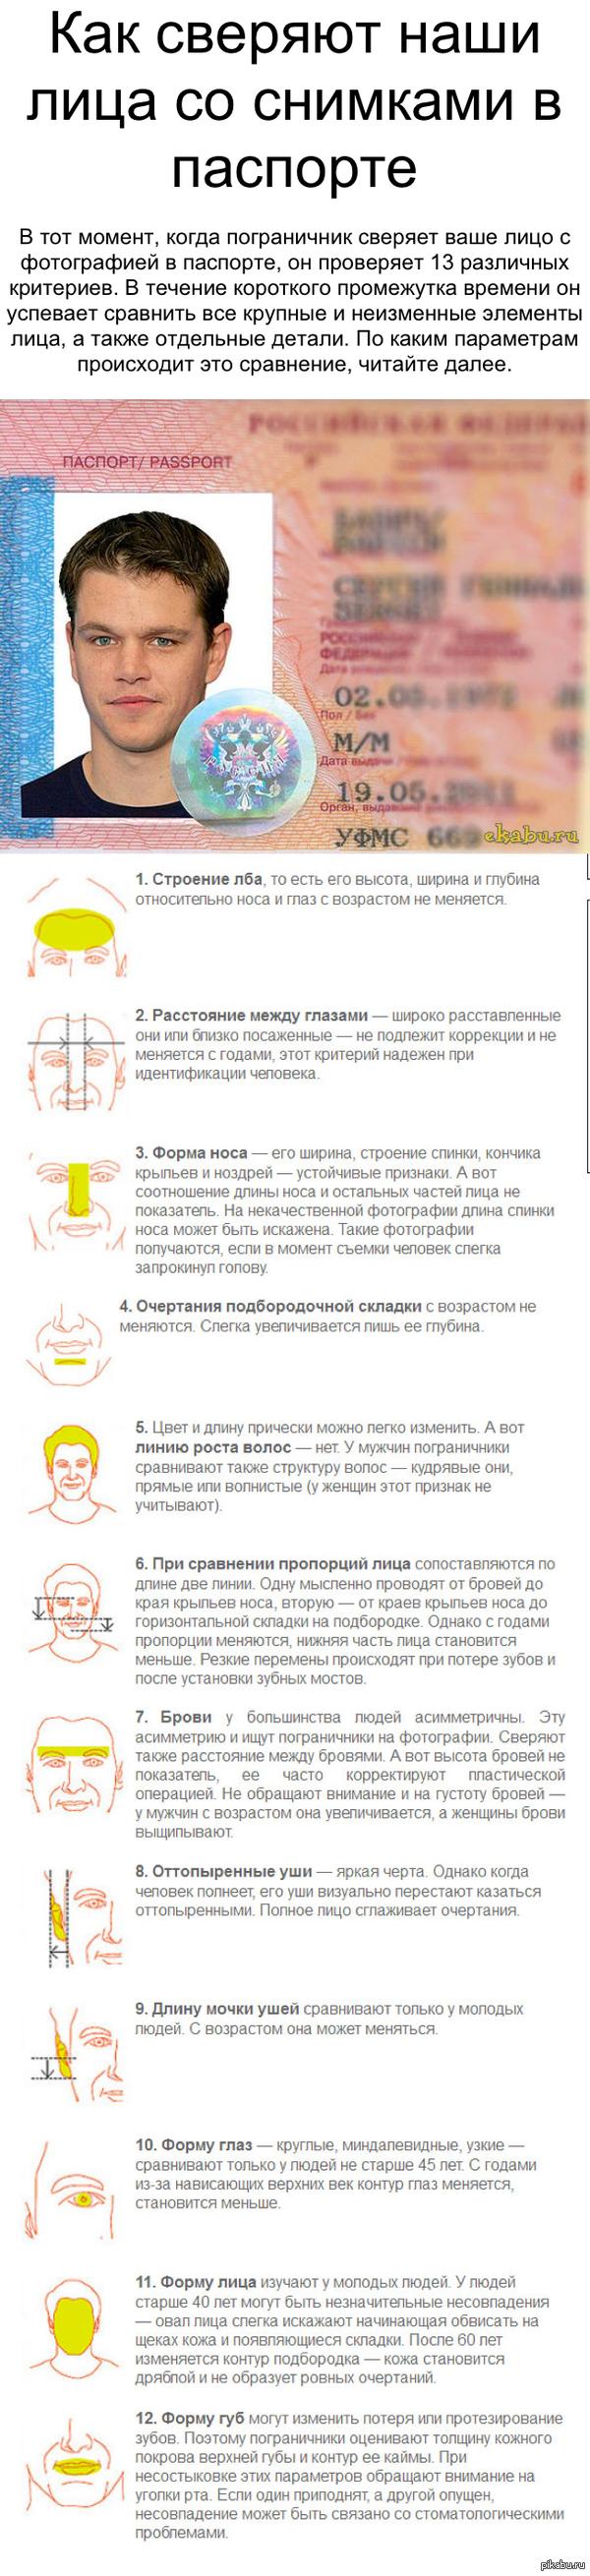 Как сверяют наши лица со снимками в паспорте